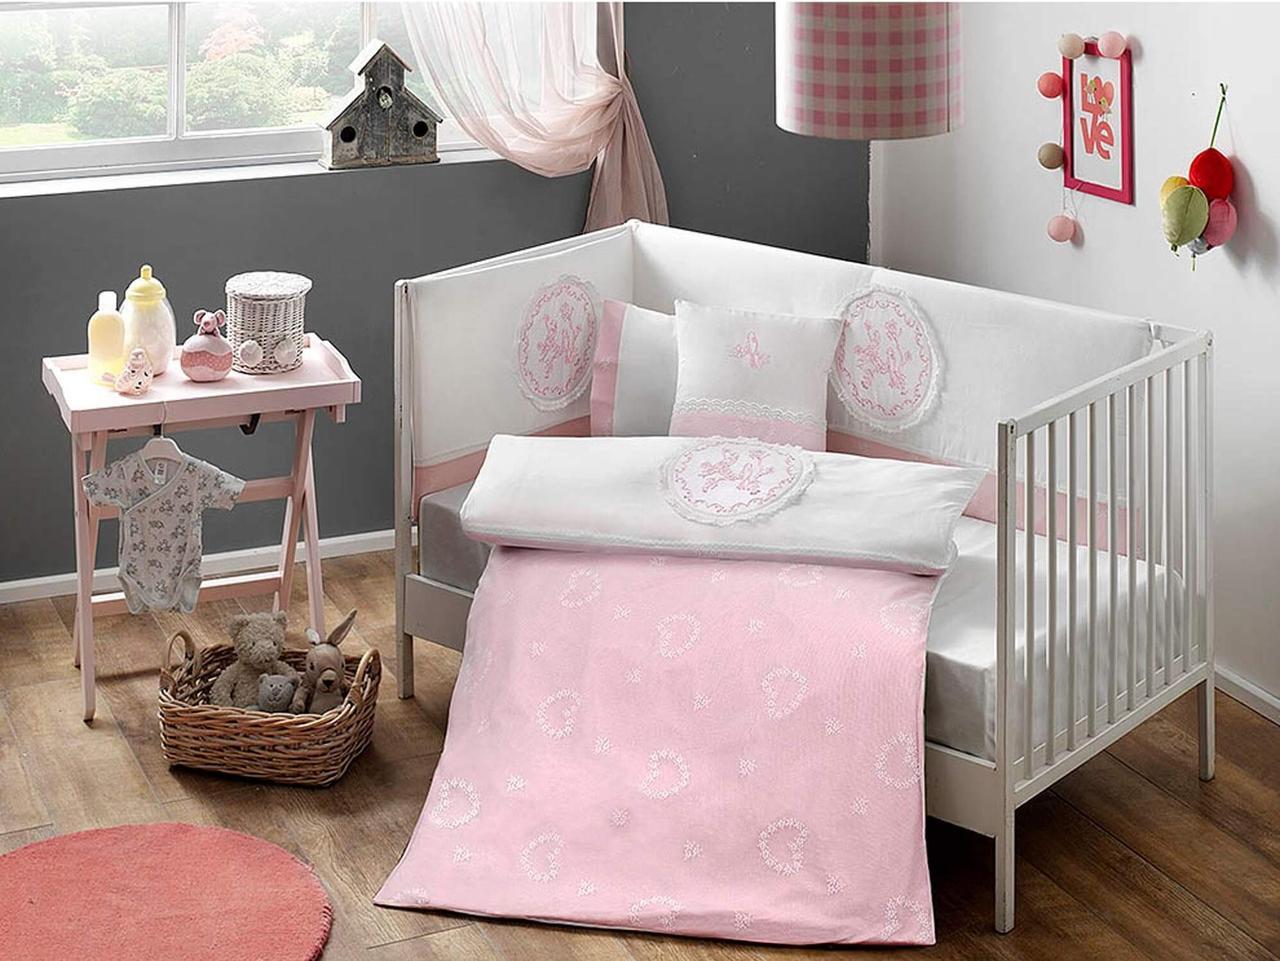 Набір в ліжечко з бортиками і ковдрою TAC Sweet Baby Pink (8 предметів)